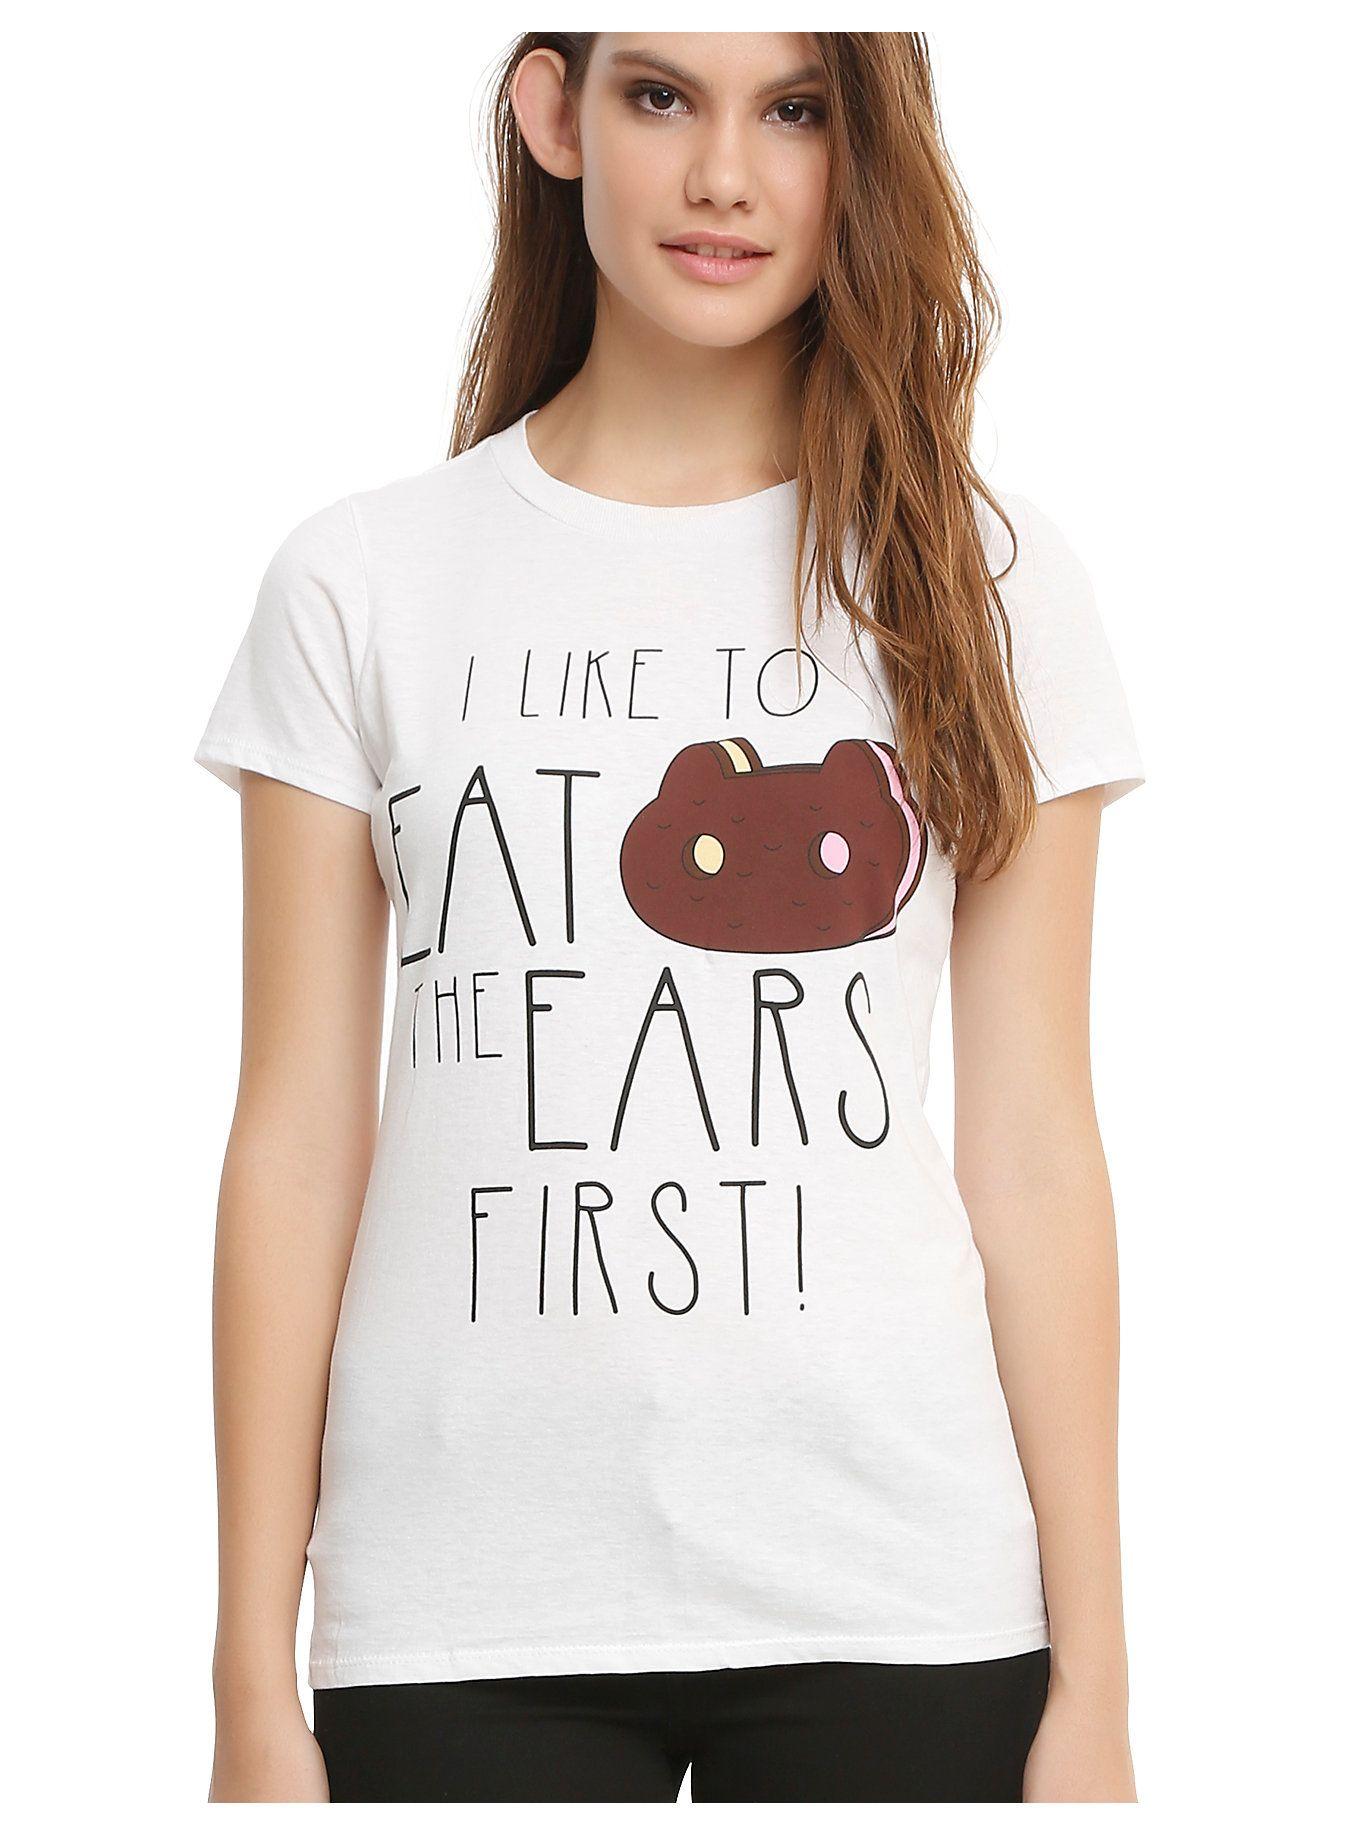 Steven Universe Cookie Cat Ears First Girls T Shirt